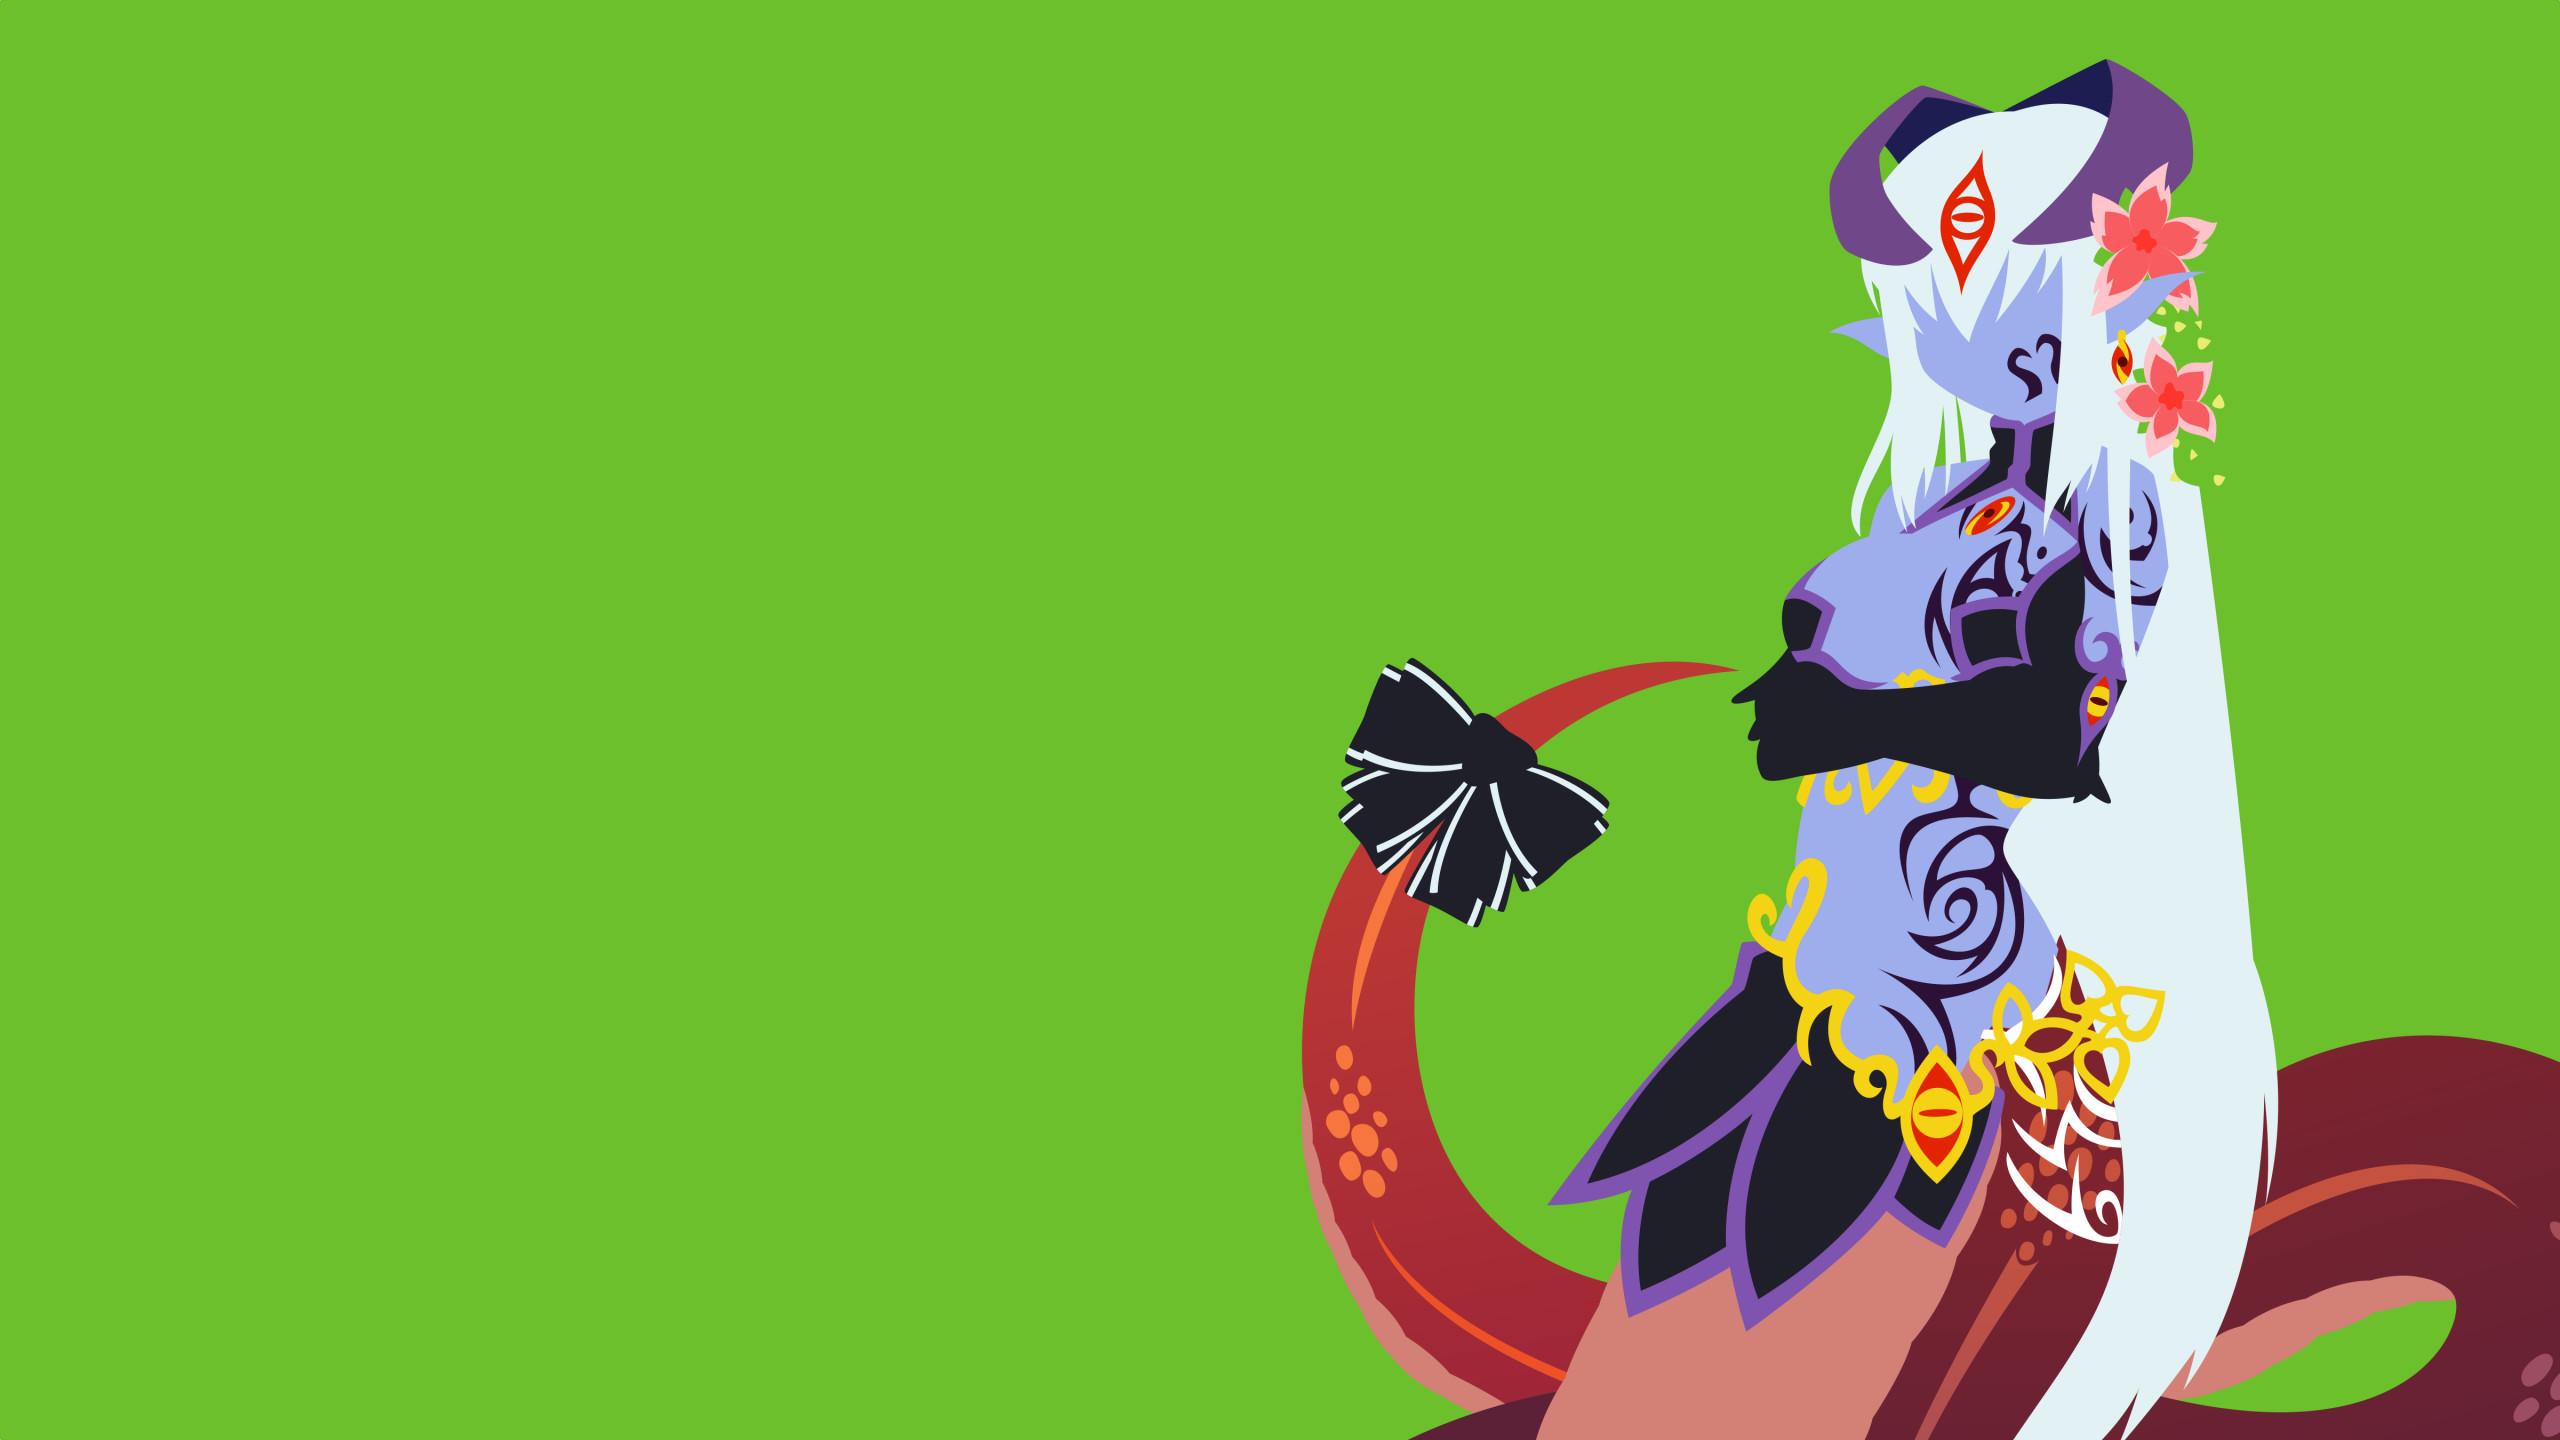 Monster Girl Wallpaper 76 Images